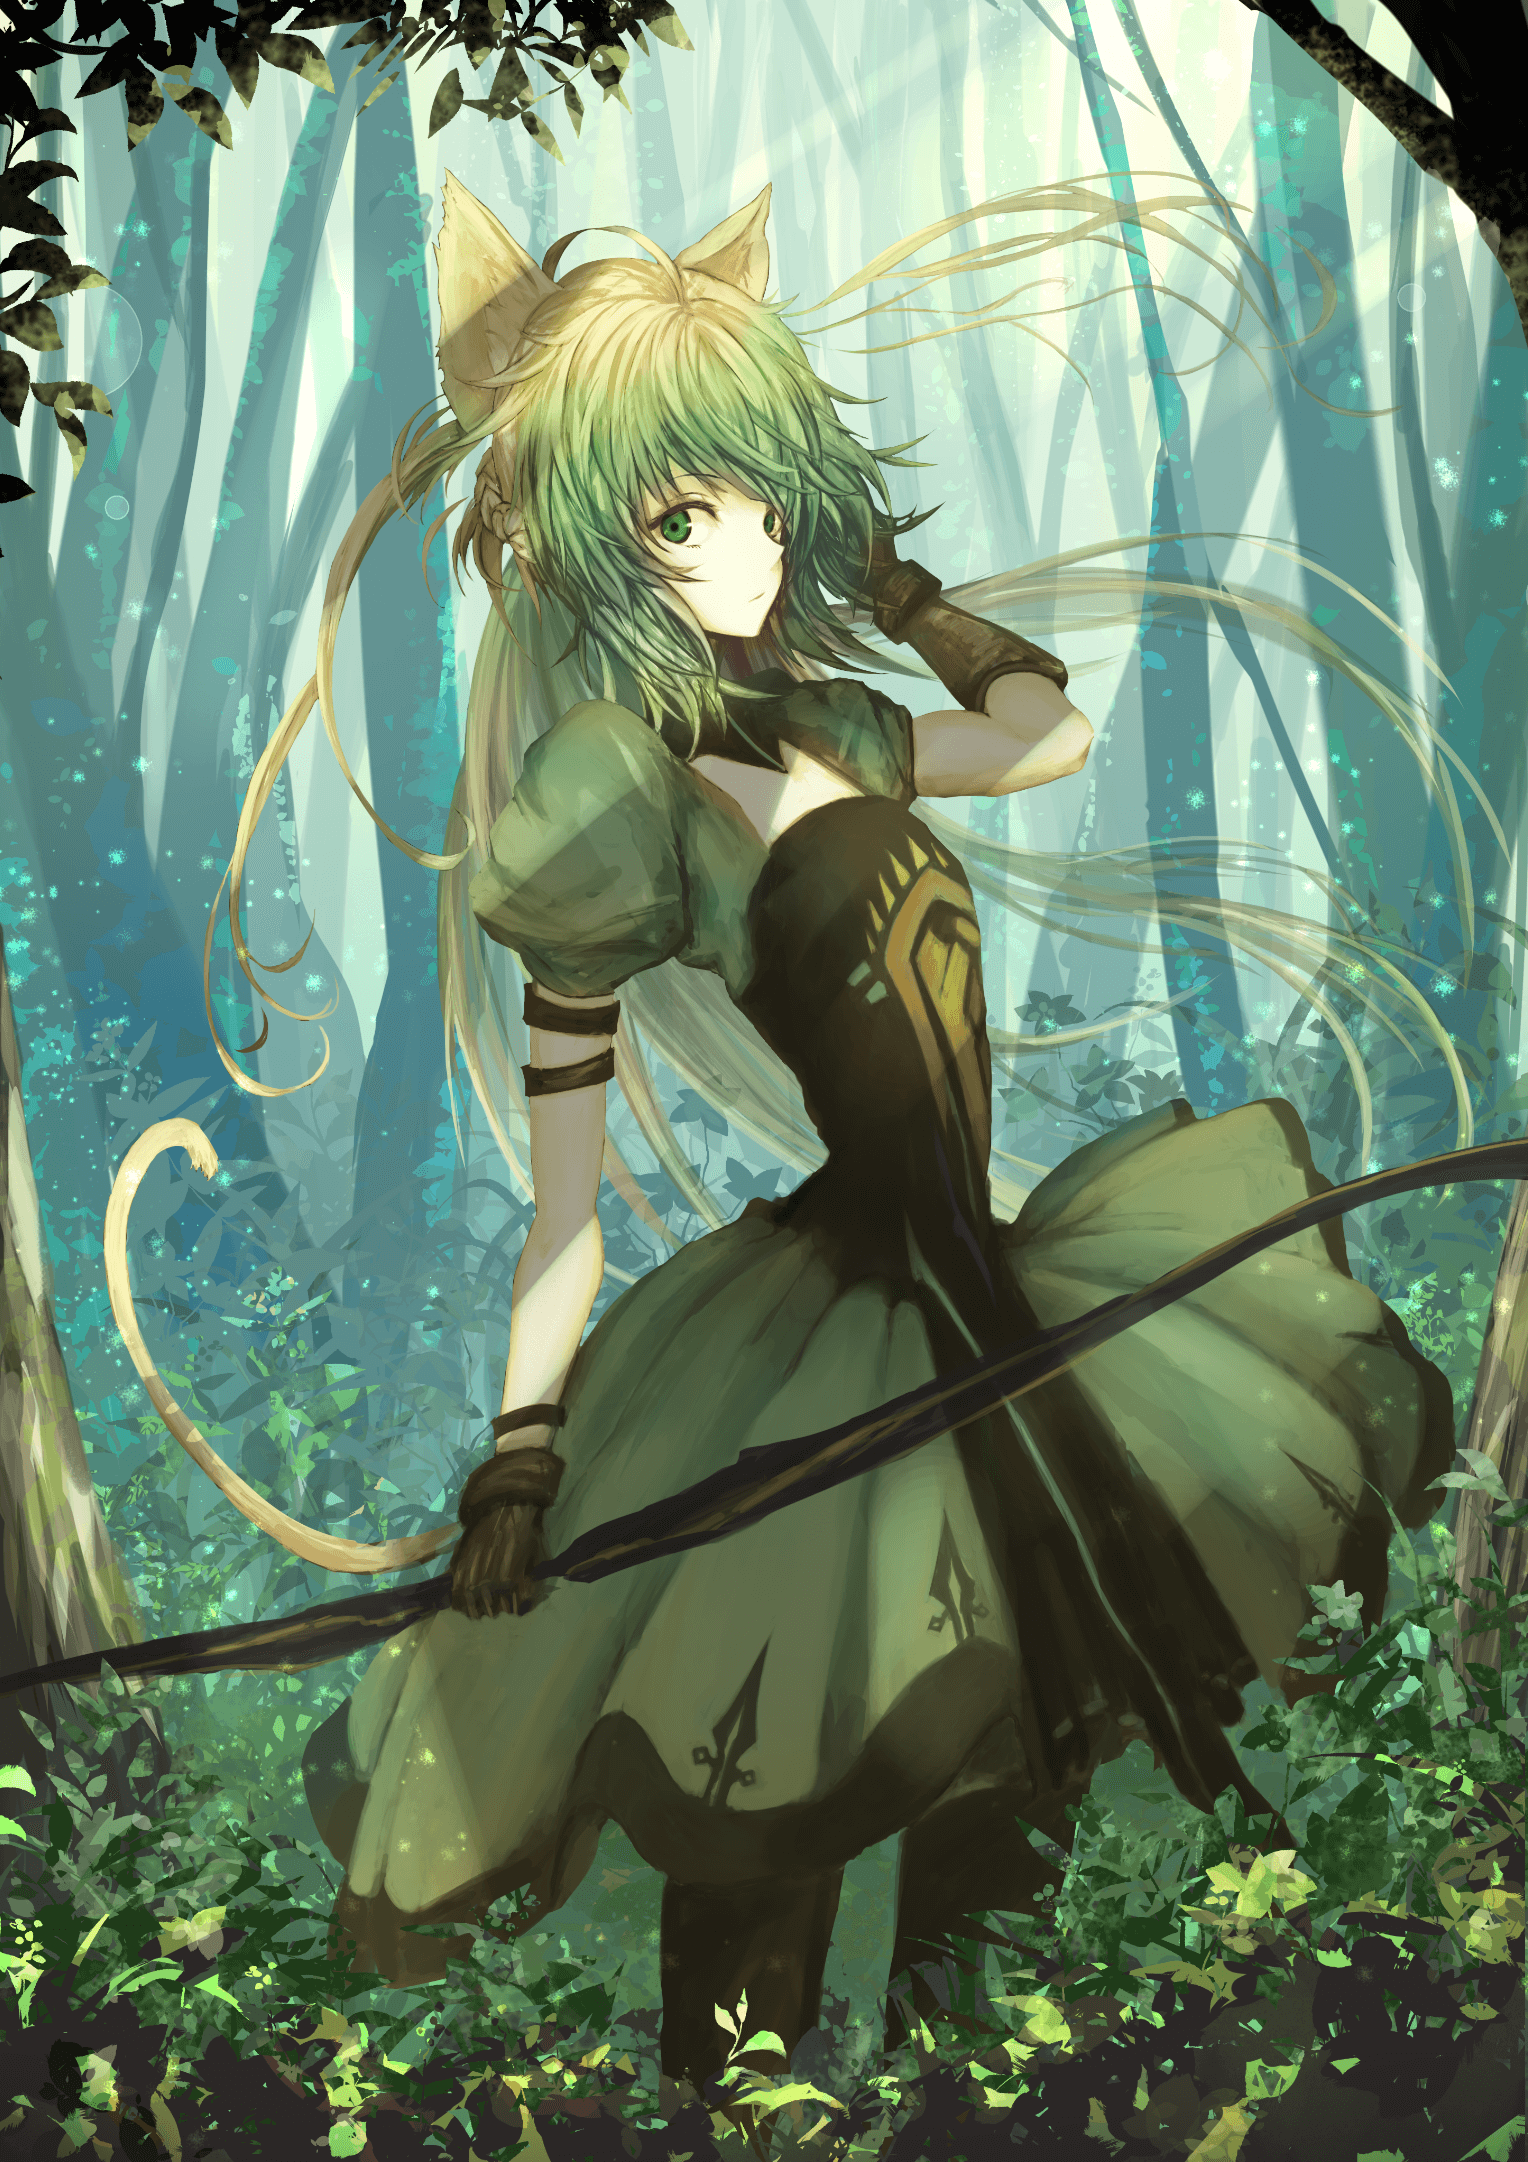 Anime girl tóc xanh lá lạnh lùng